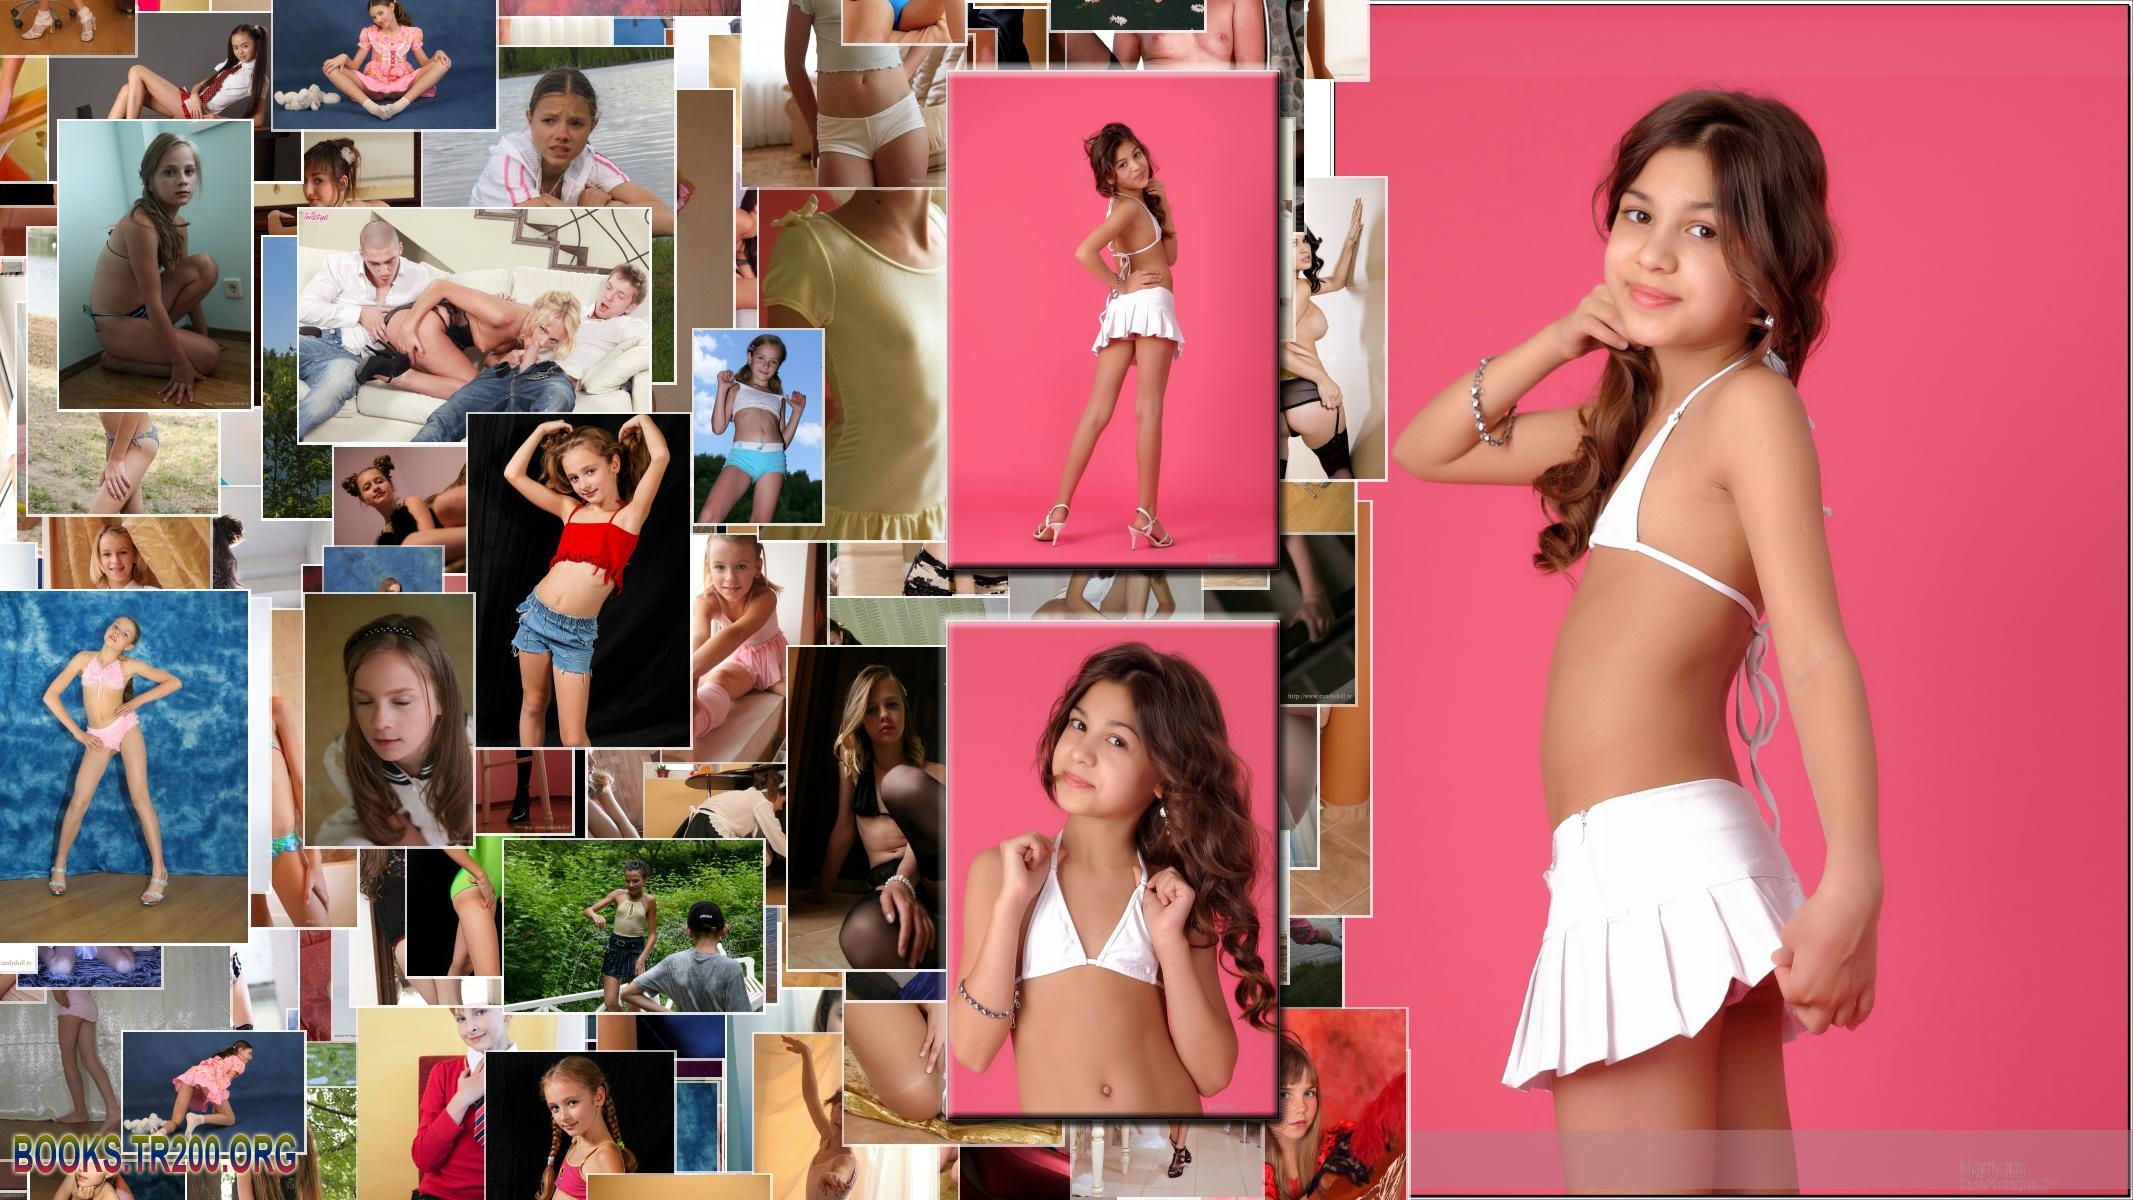 http://img-fotki.yandex.ru/get/5101/315033545.16/0_12f8b3_ee29a823_orig